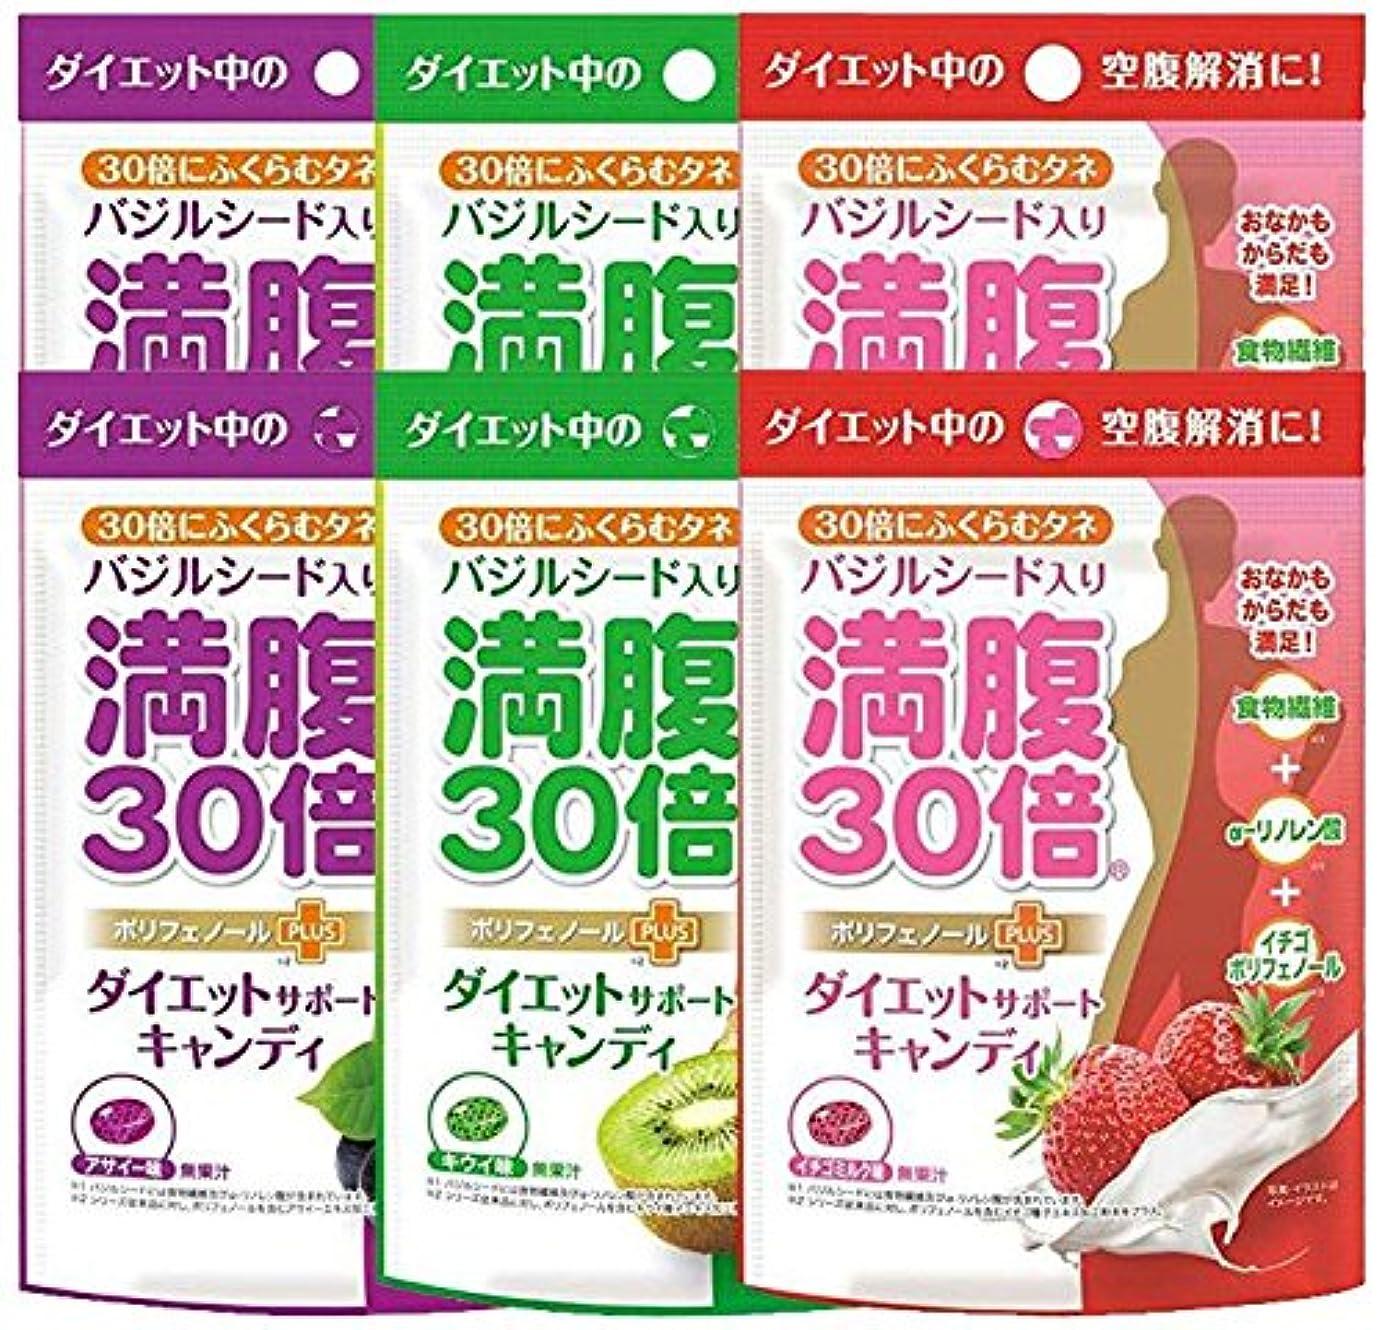 オリエンタル一般化するアライメント満腹30倍 ダイエットサポートキャンディ 3種アソート( アサイー キウイ イチゴミルク 各2袋) 6袋